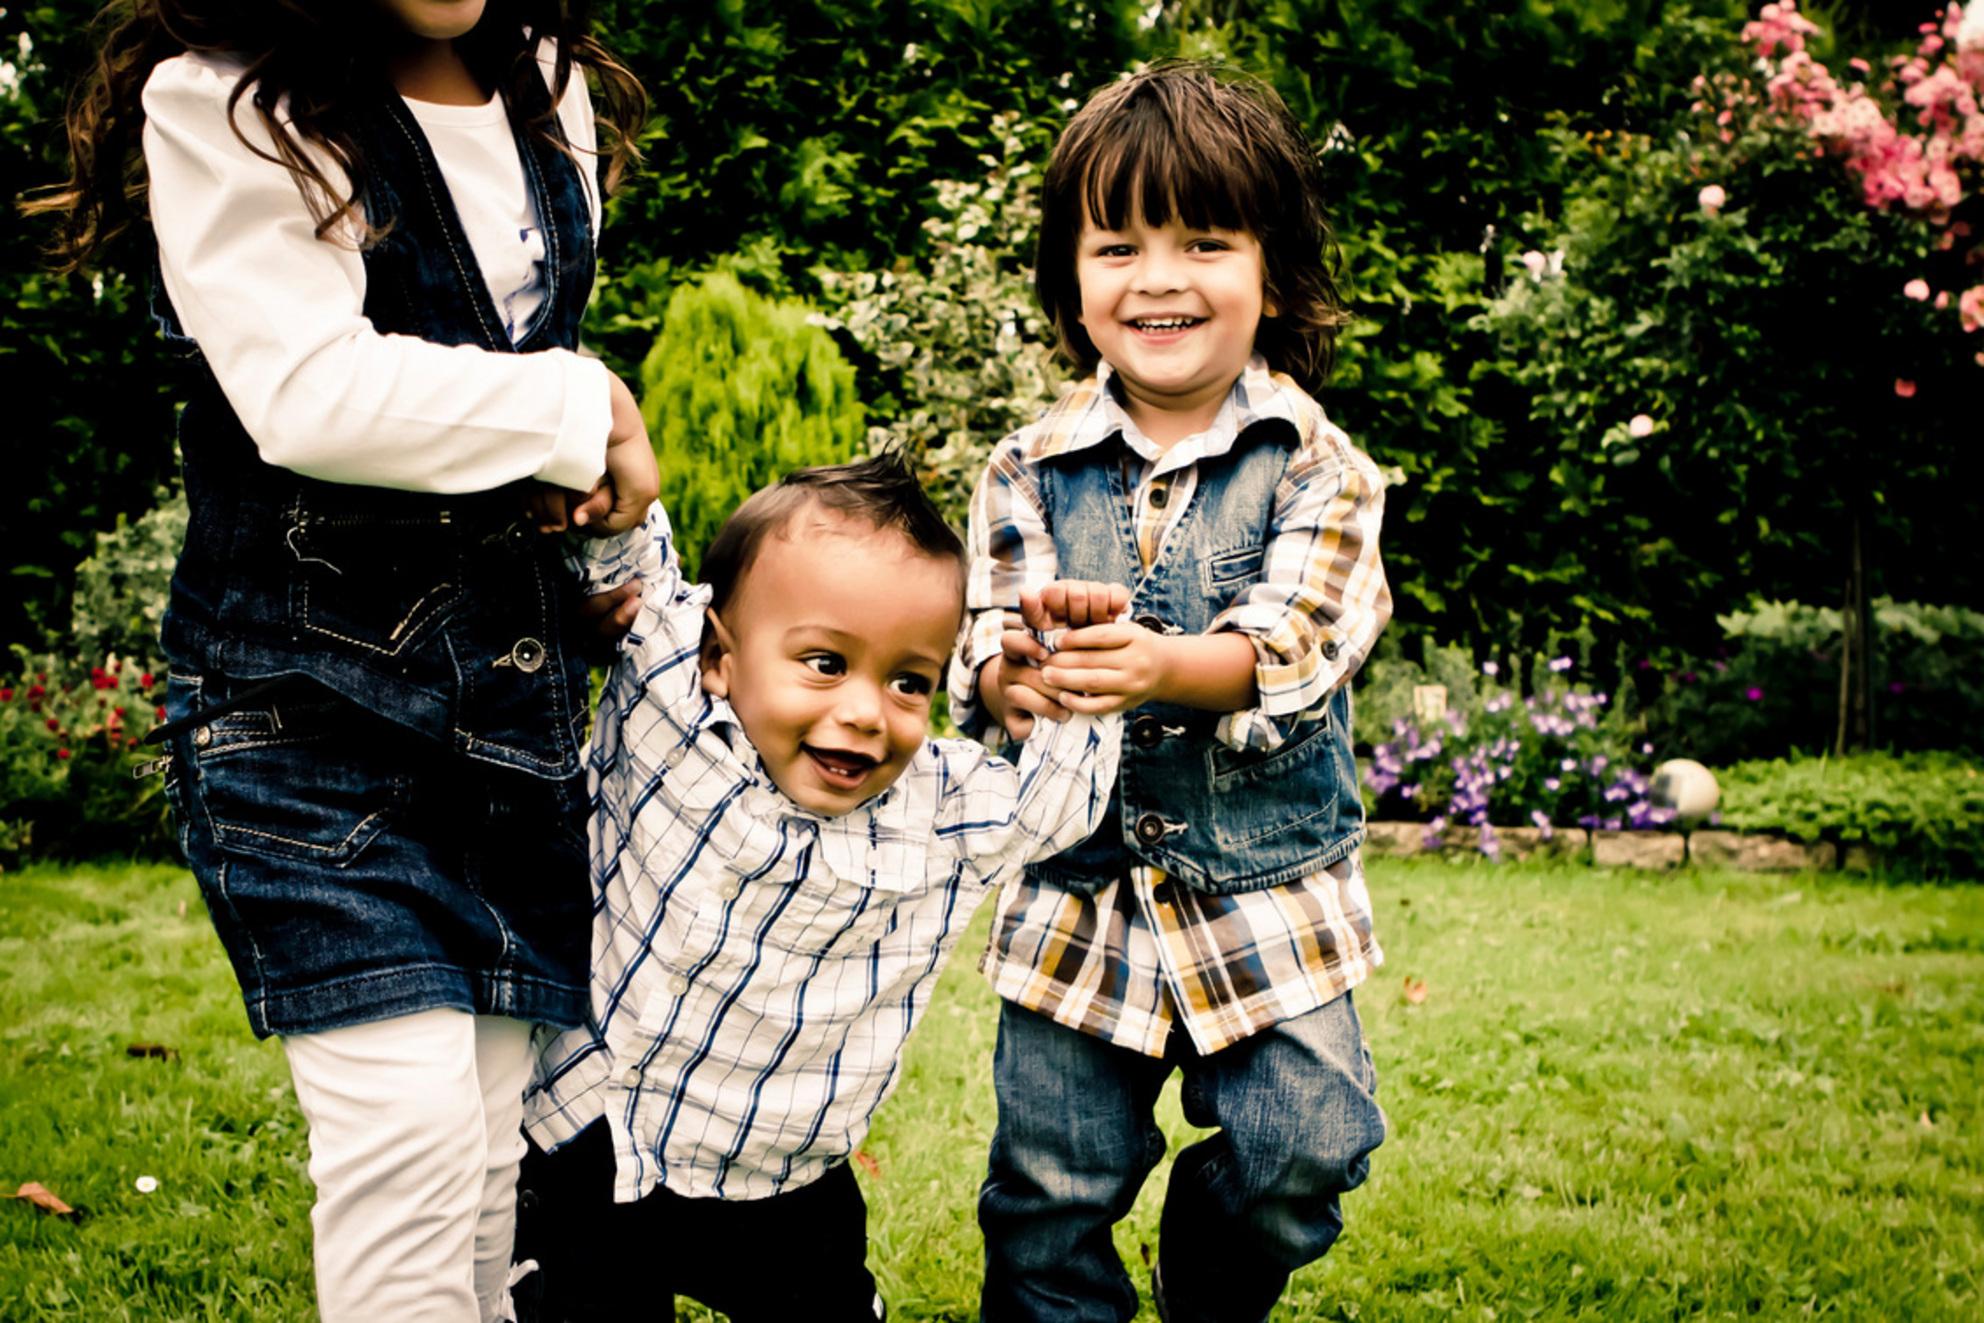 Samen lopen - Kinderen helpen de baby met lopen - foto door merlevanson op 10-09-2011 - deze foto bevat: portret, zomer, kinderen, lachen, actie, plezier, compositie, lopen